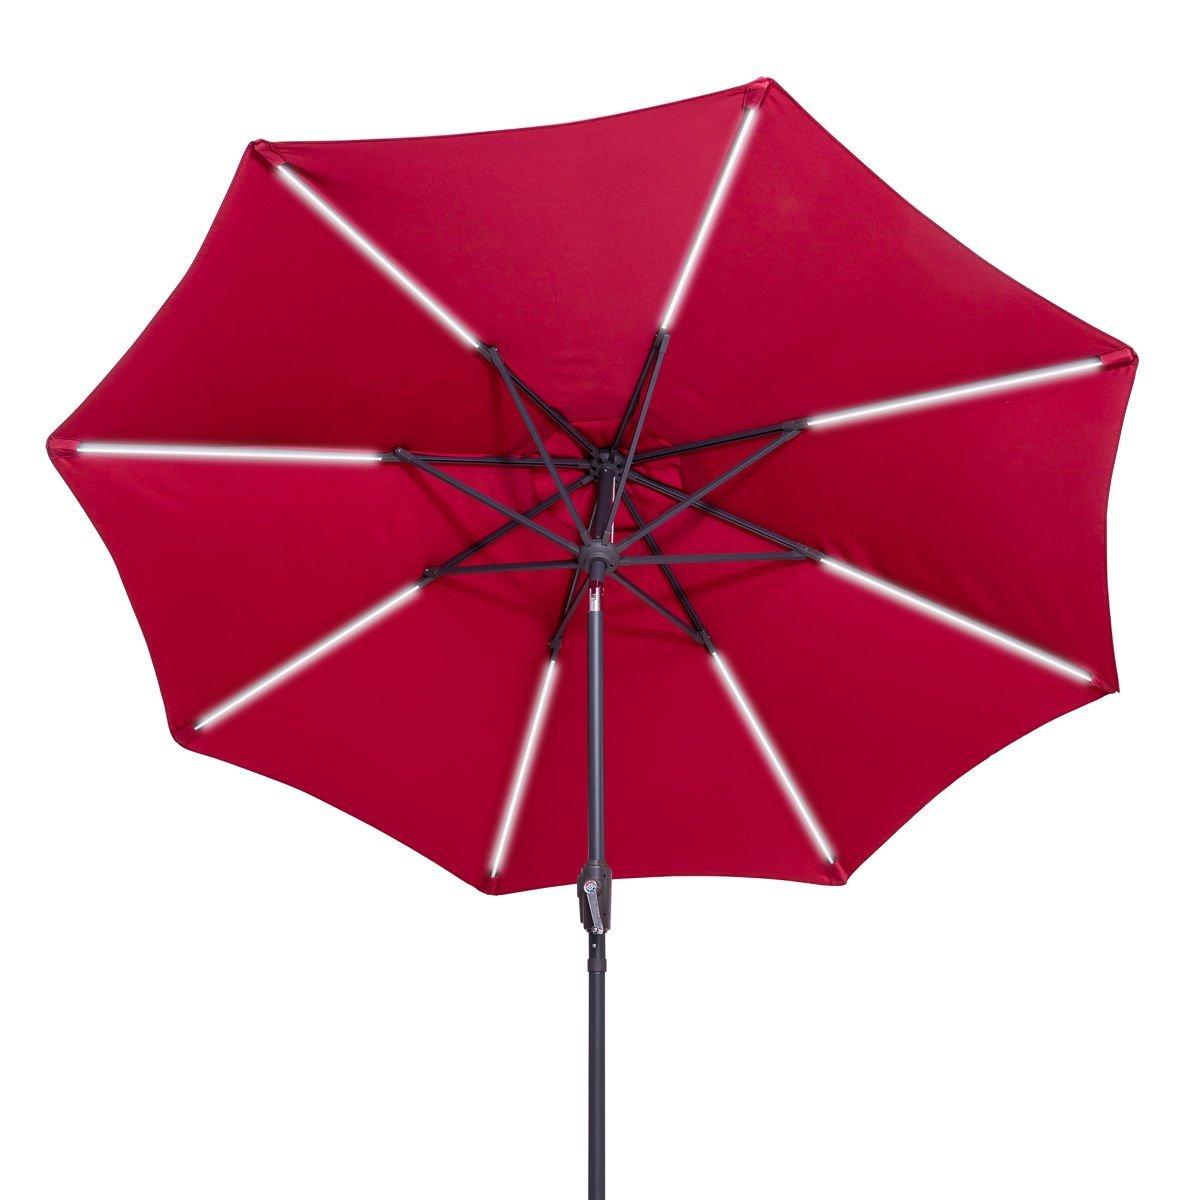 tilting solar umbrella - HD1200×1200